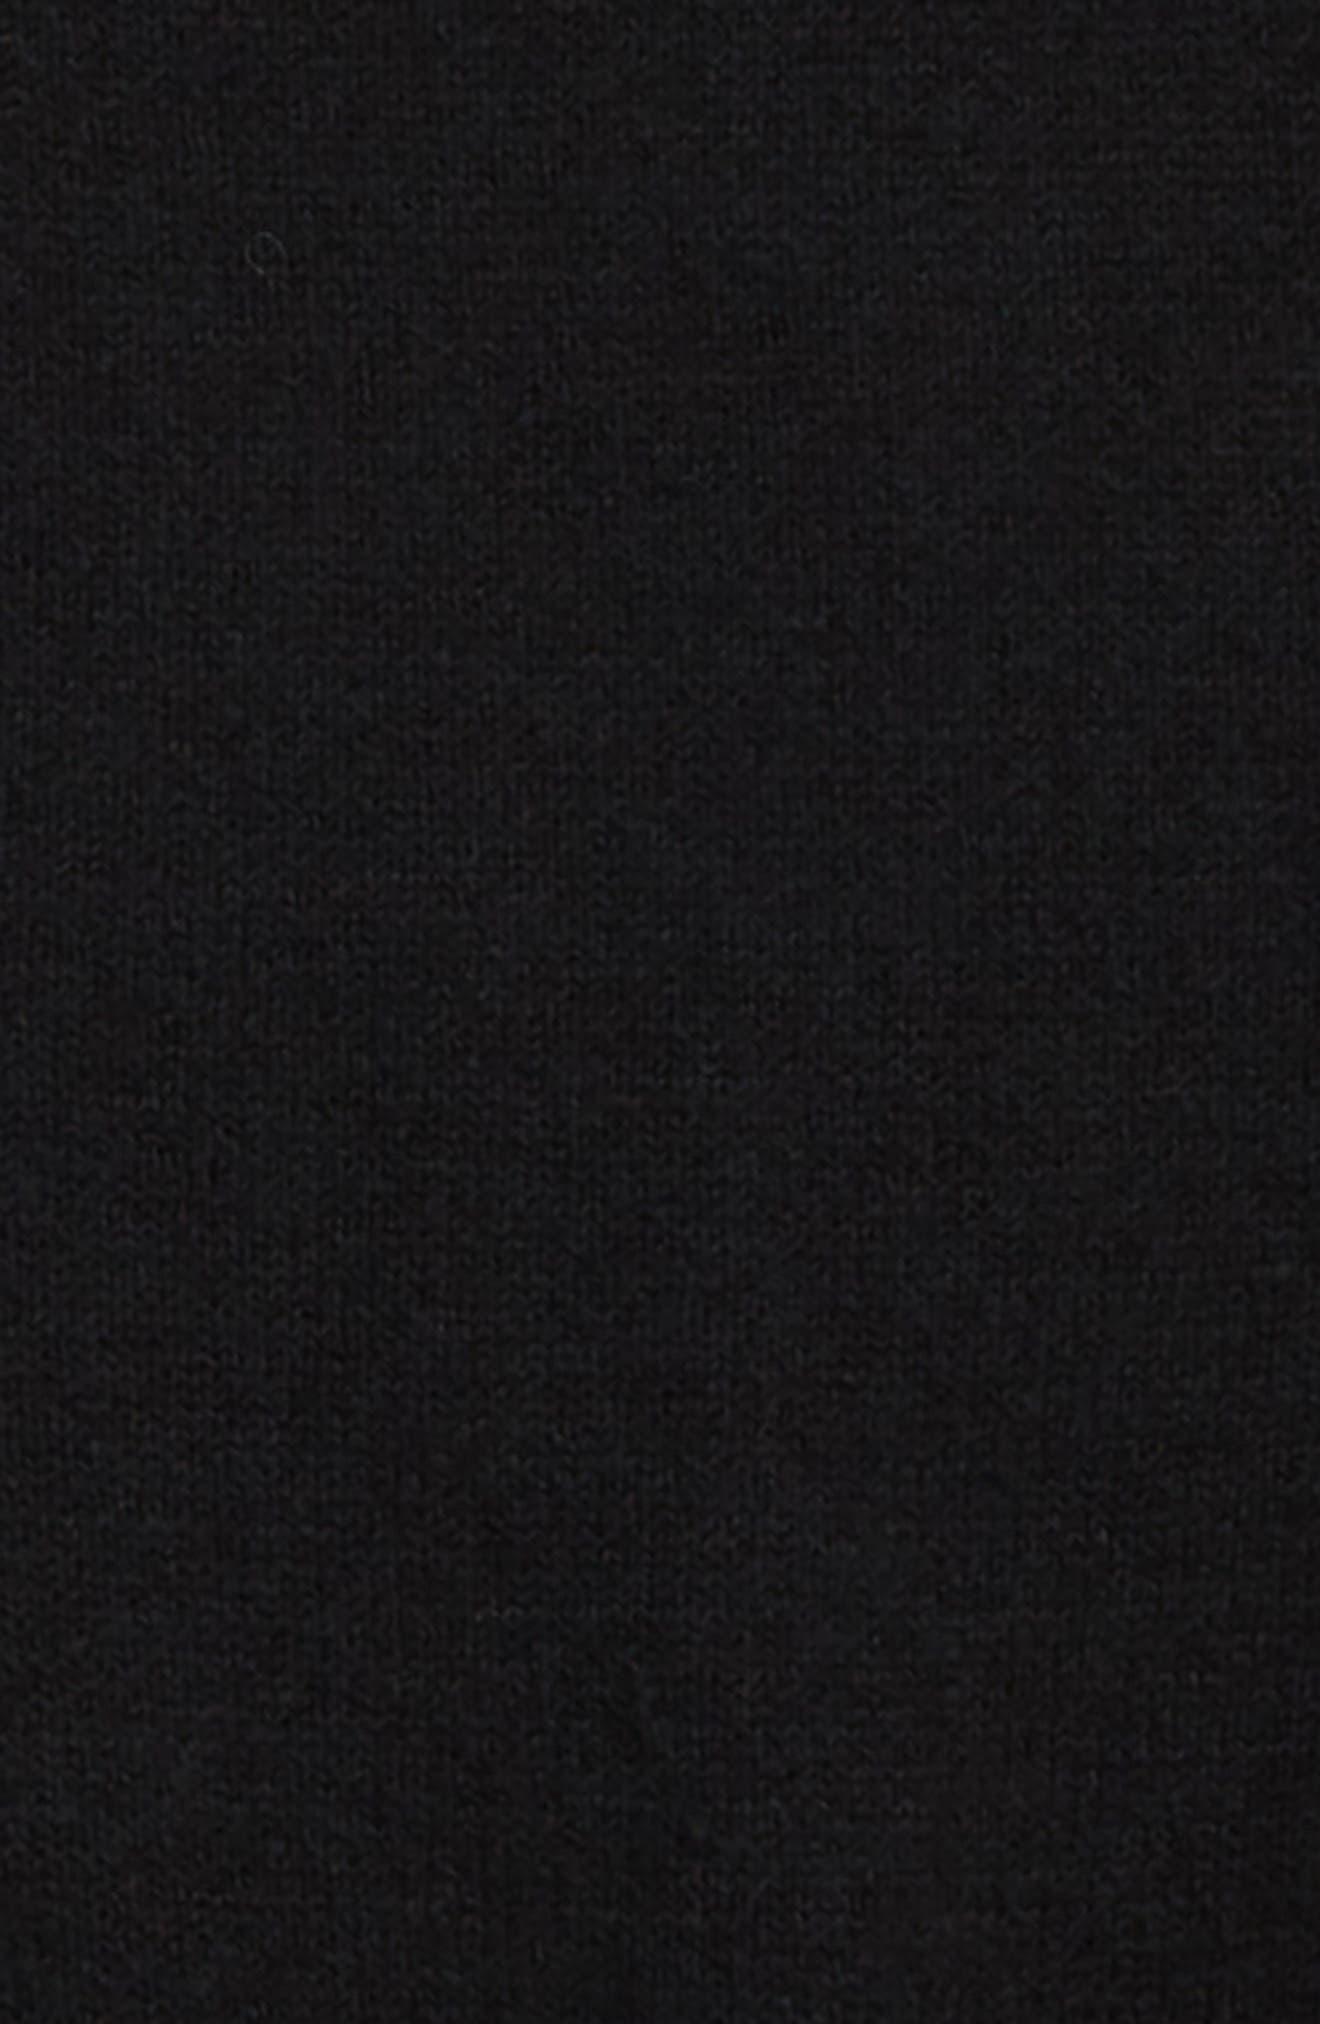 Oversize Cold Shoulder Sweater,                             Alternate thumbnail 2, color,                             BLACK